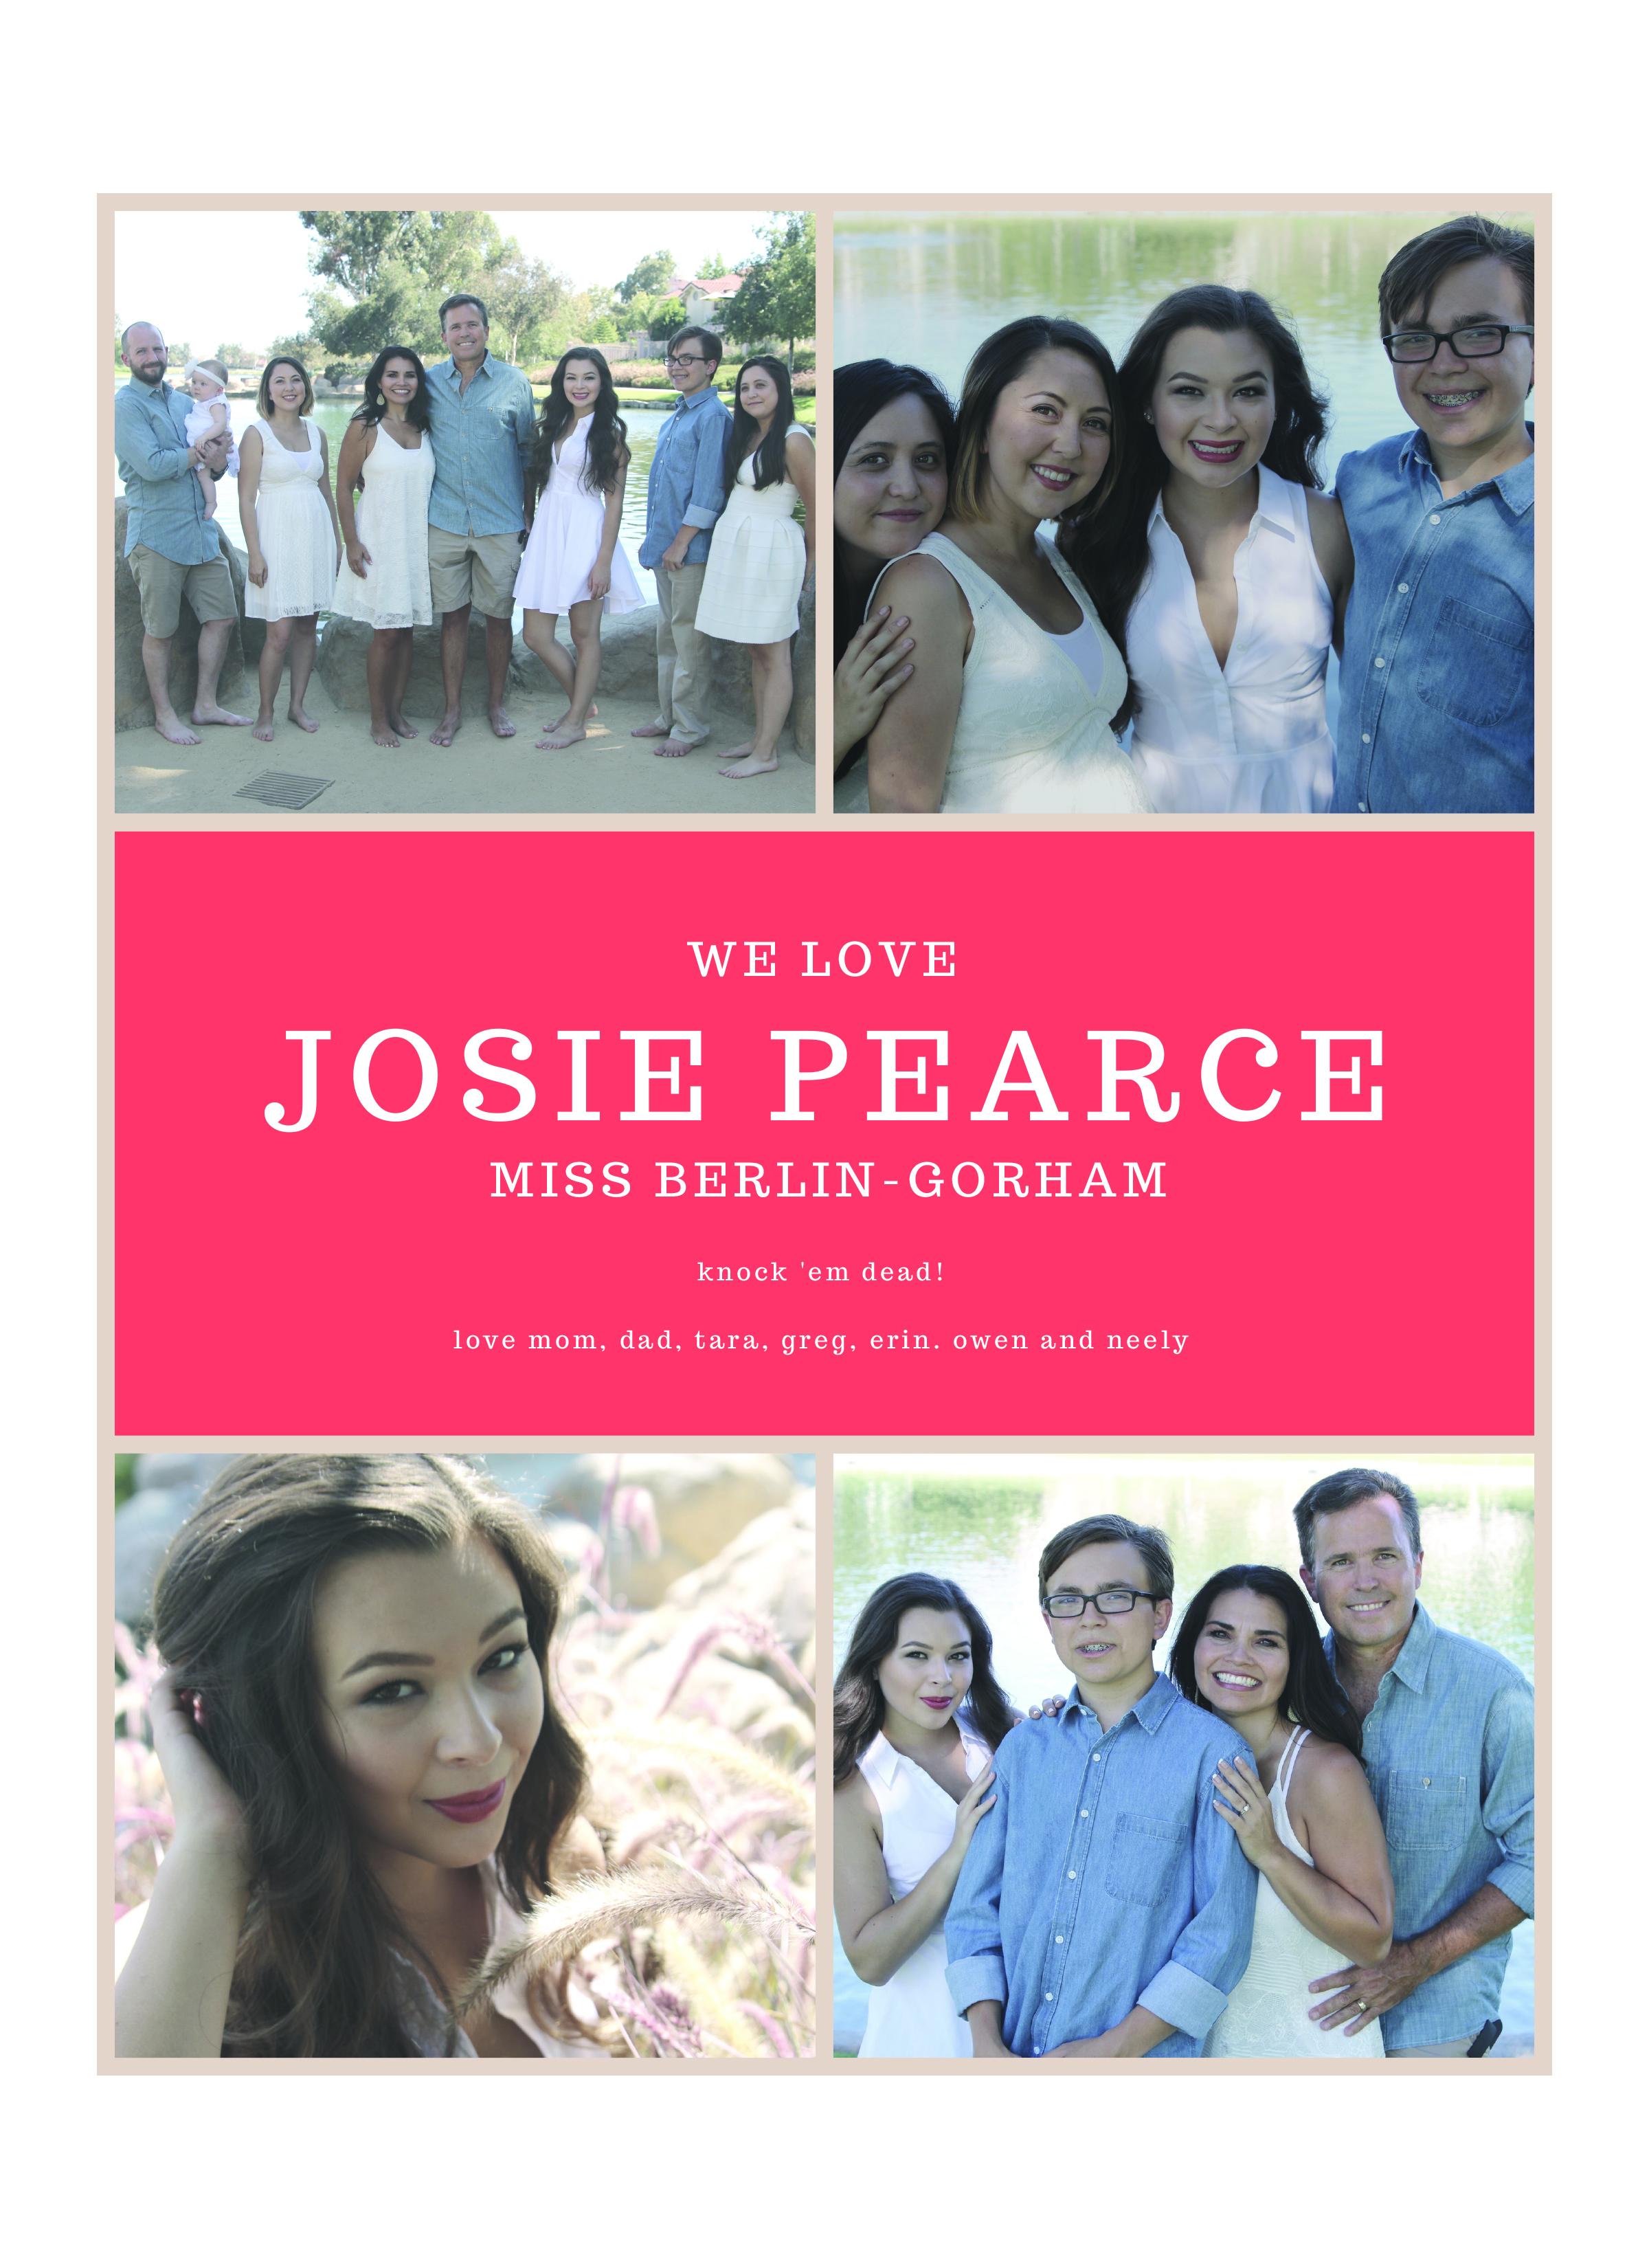 Josie-Pearce-Ad-4.jpg